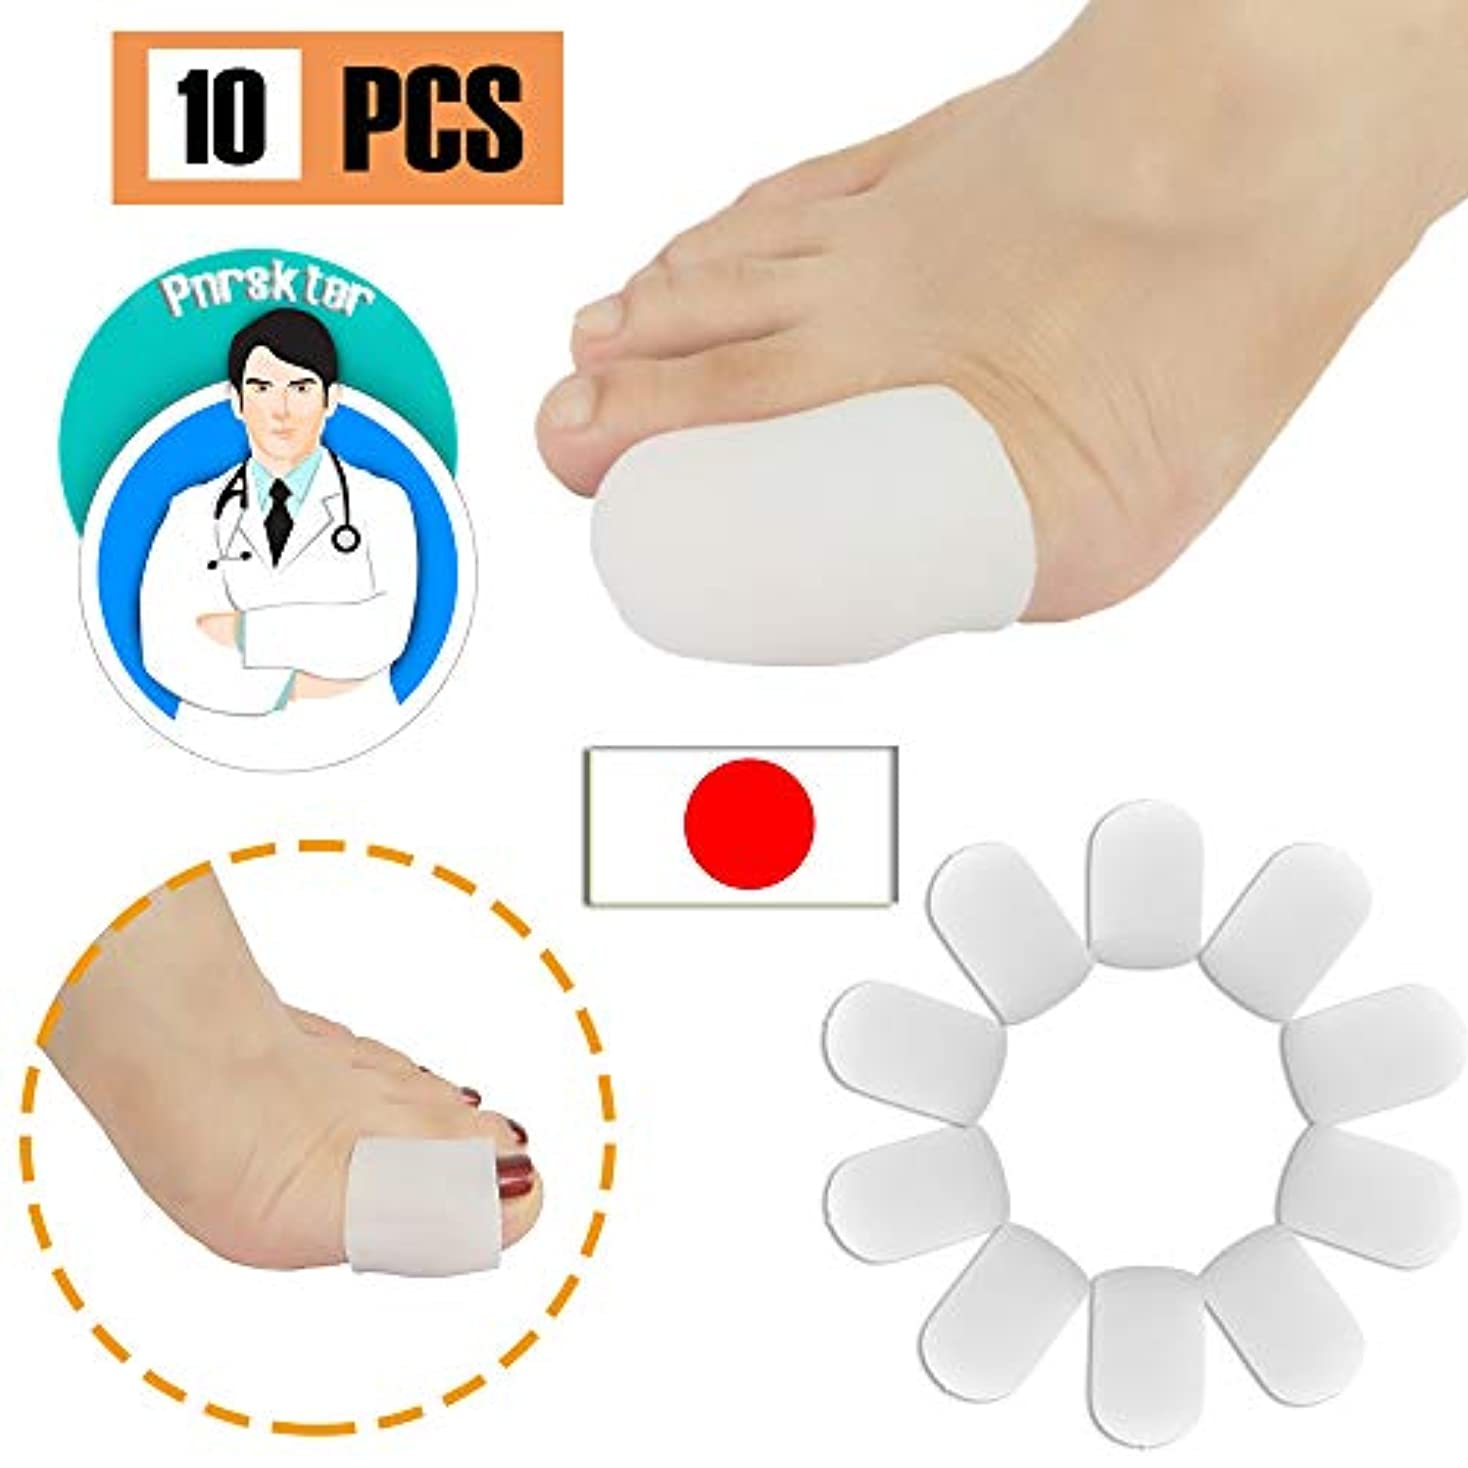 リビジョン行為皮肉ジェル 足指 足の親指 キャップ プロテクター スリーブ 新素材 水疱 ハンマートゥ 陥入爪 爪損傷 摩擦疼痛などの緩和 (足の親指用)(10個入り)